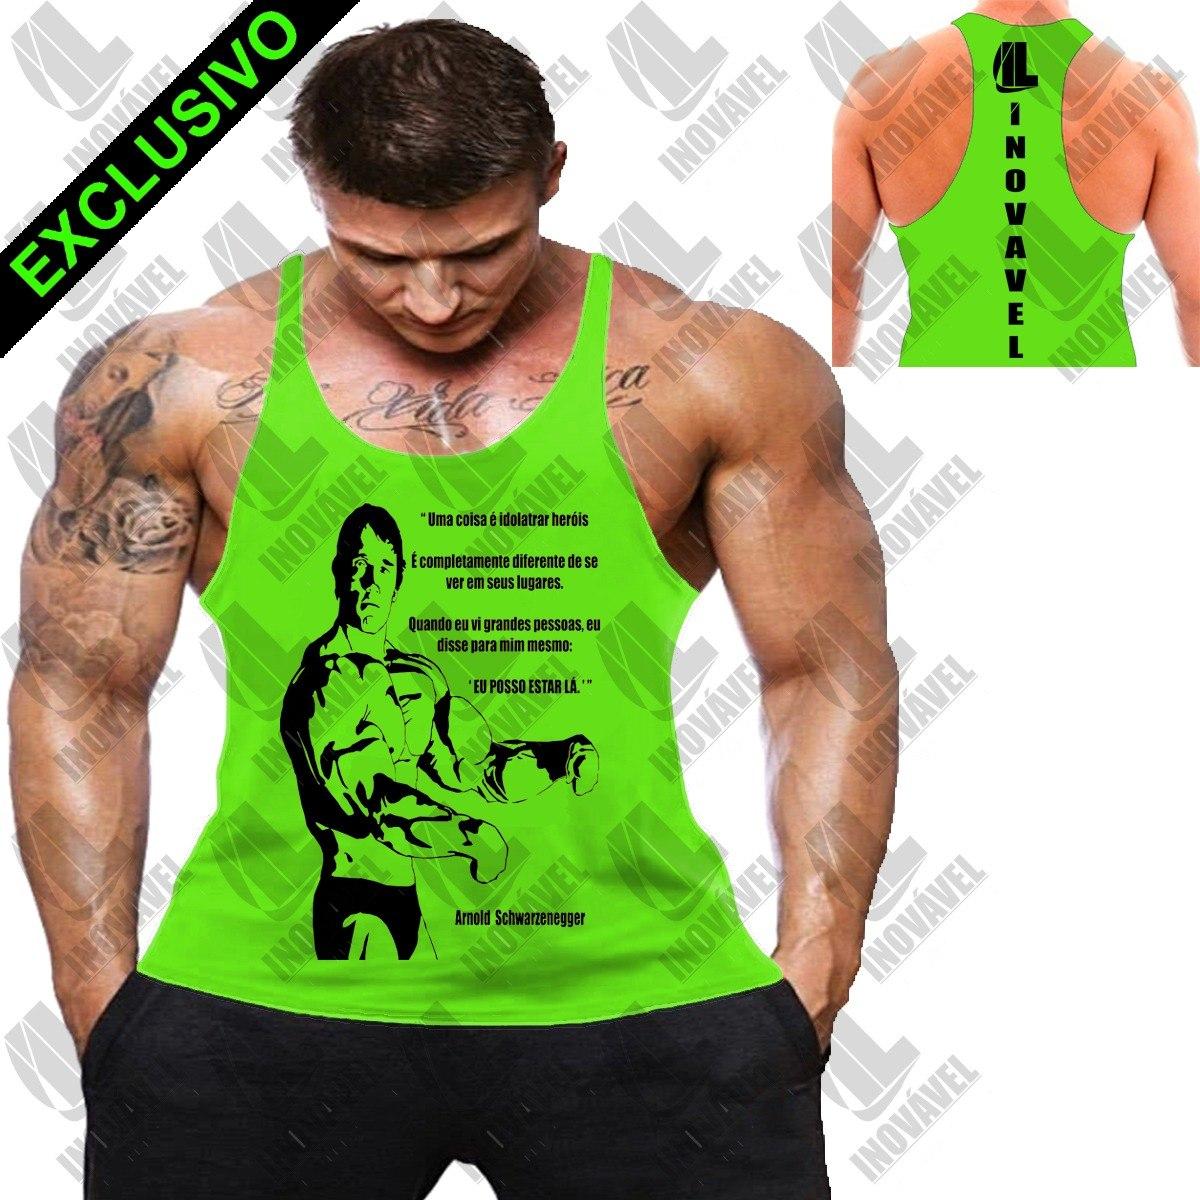 31e2402ce7 5c1c1b42b649b8  Inovavel - Camiseta Regata Cav. Arnold Citação Treino  Casual - R 39